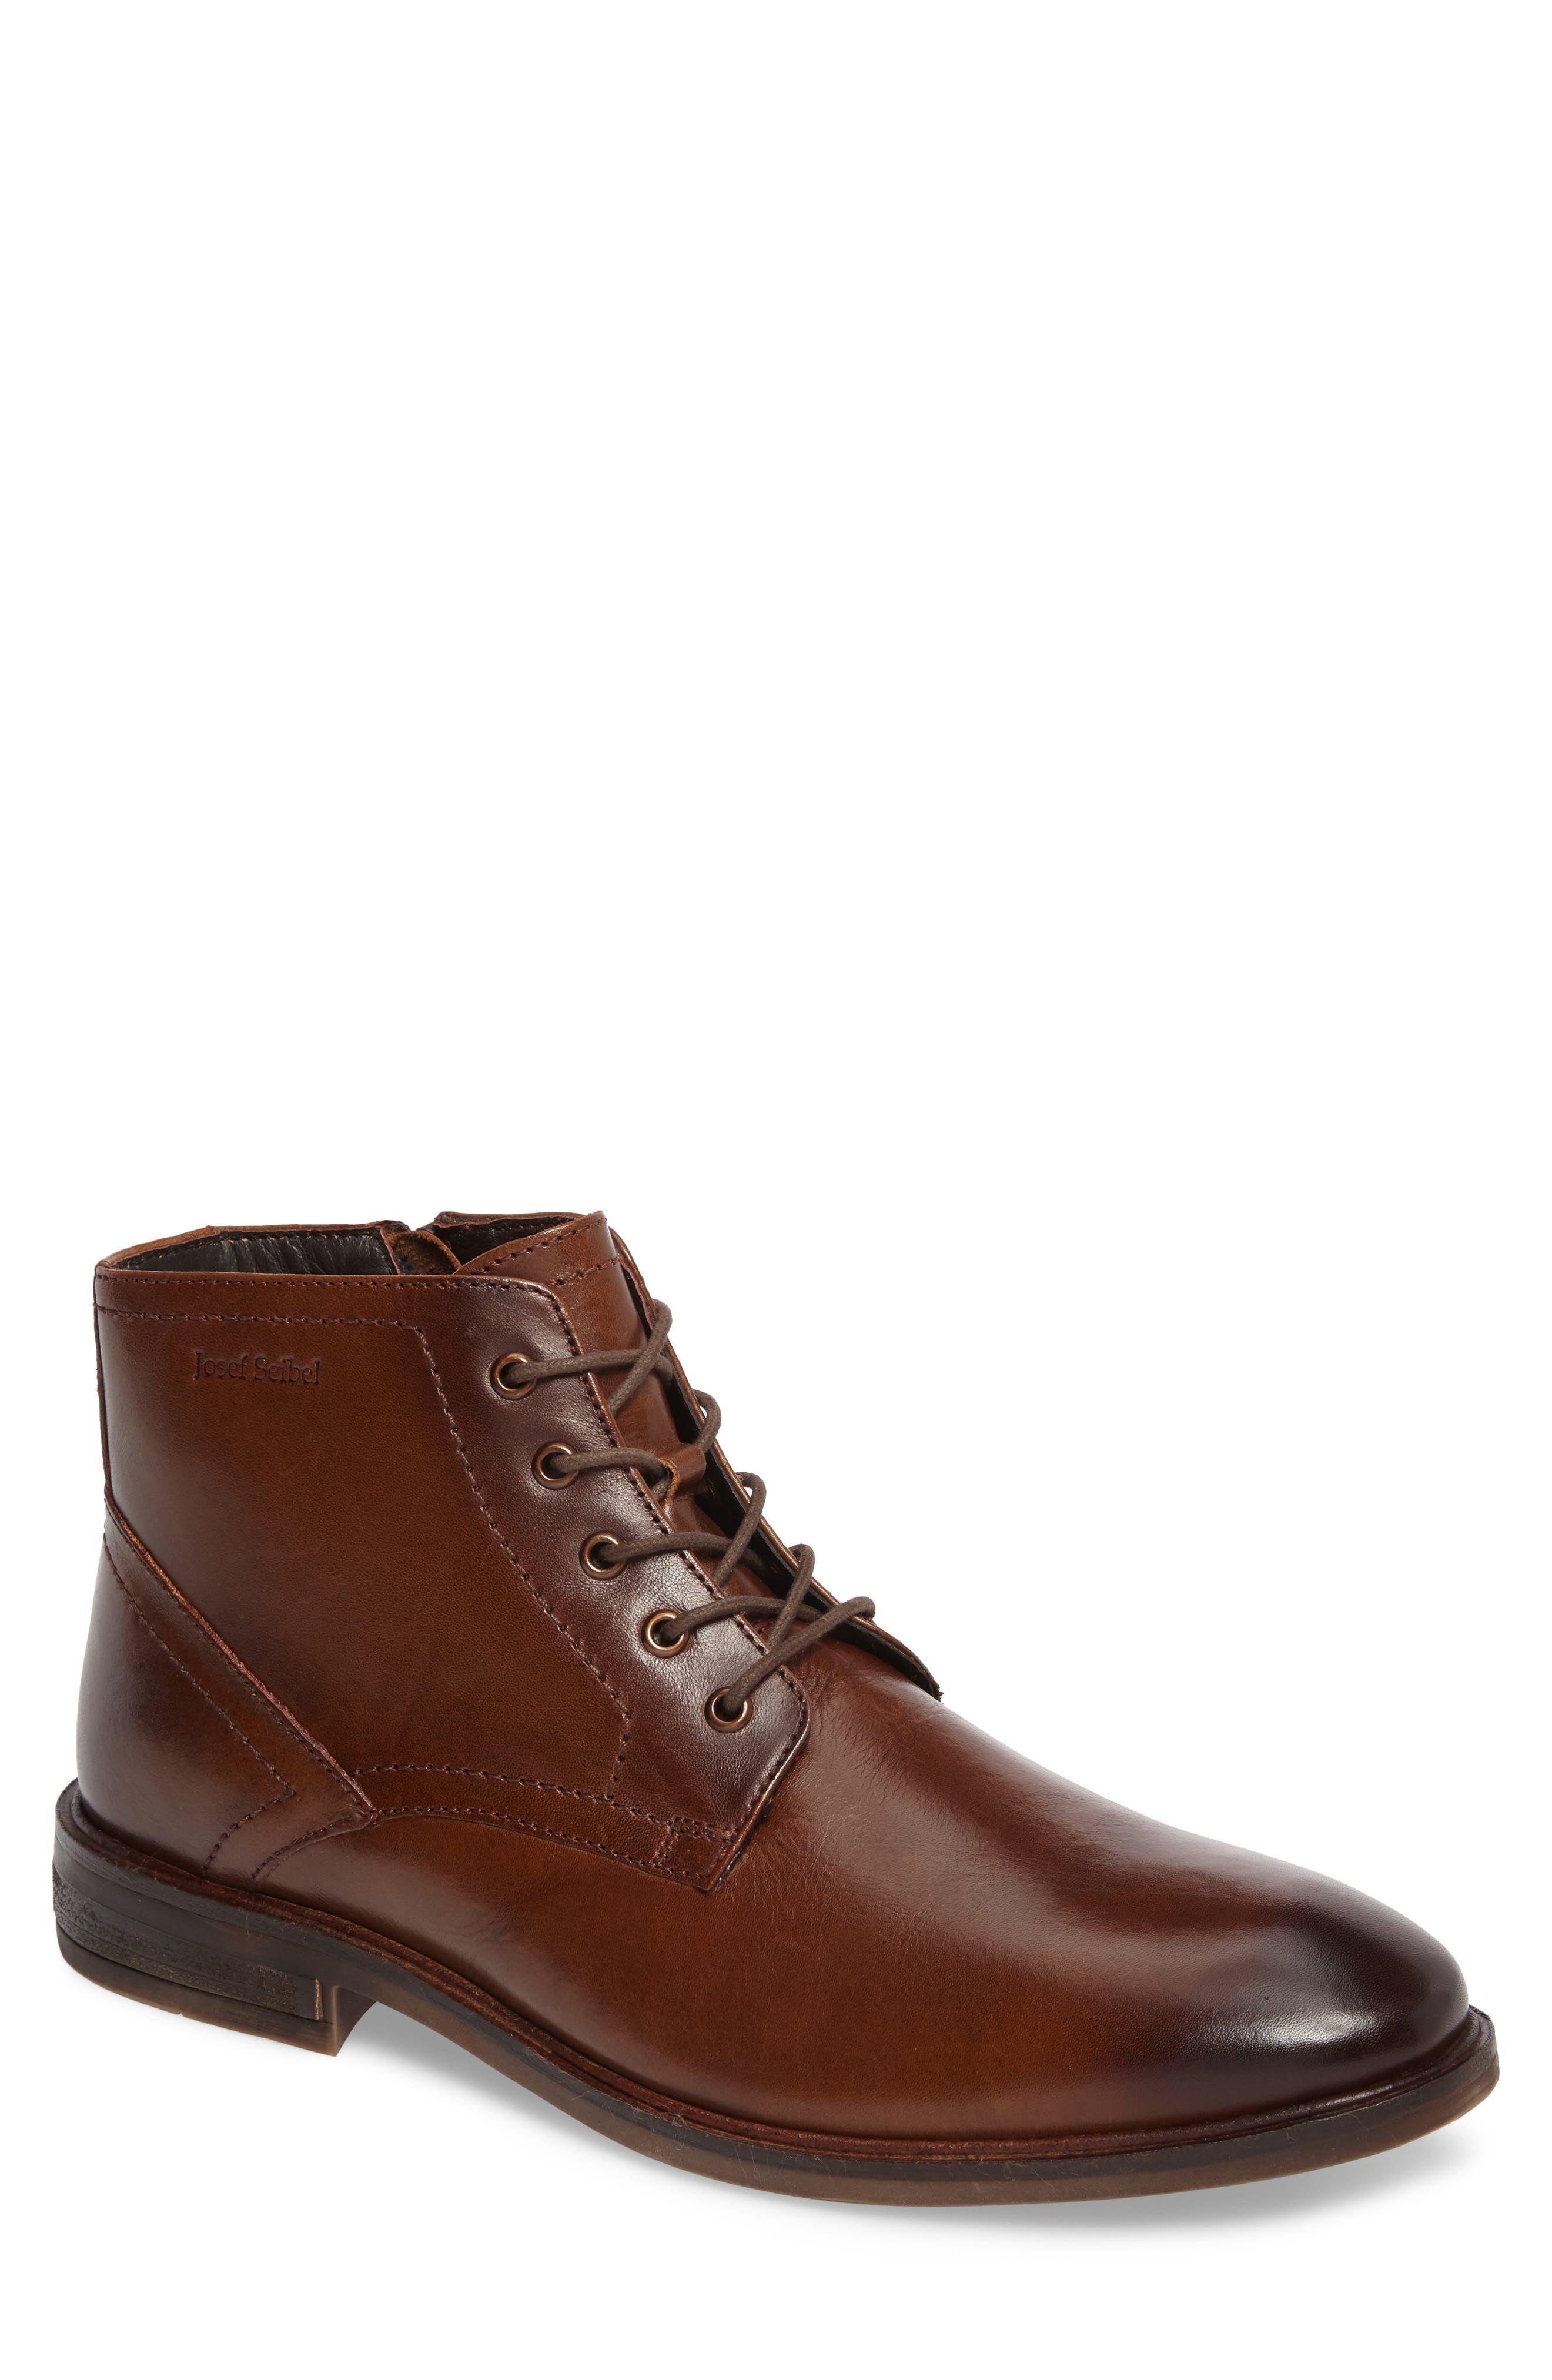 Josef Seibel Myles 11 Water Repellent Plain Toe Boot (Men)